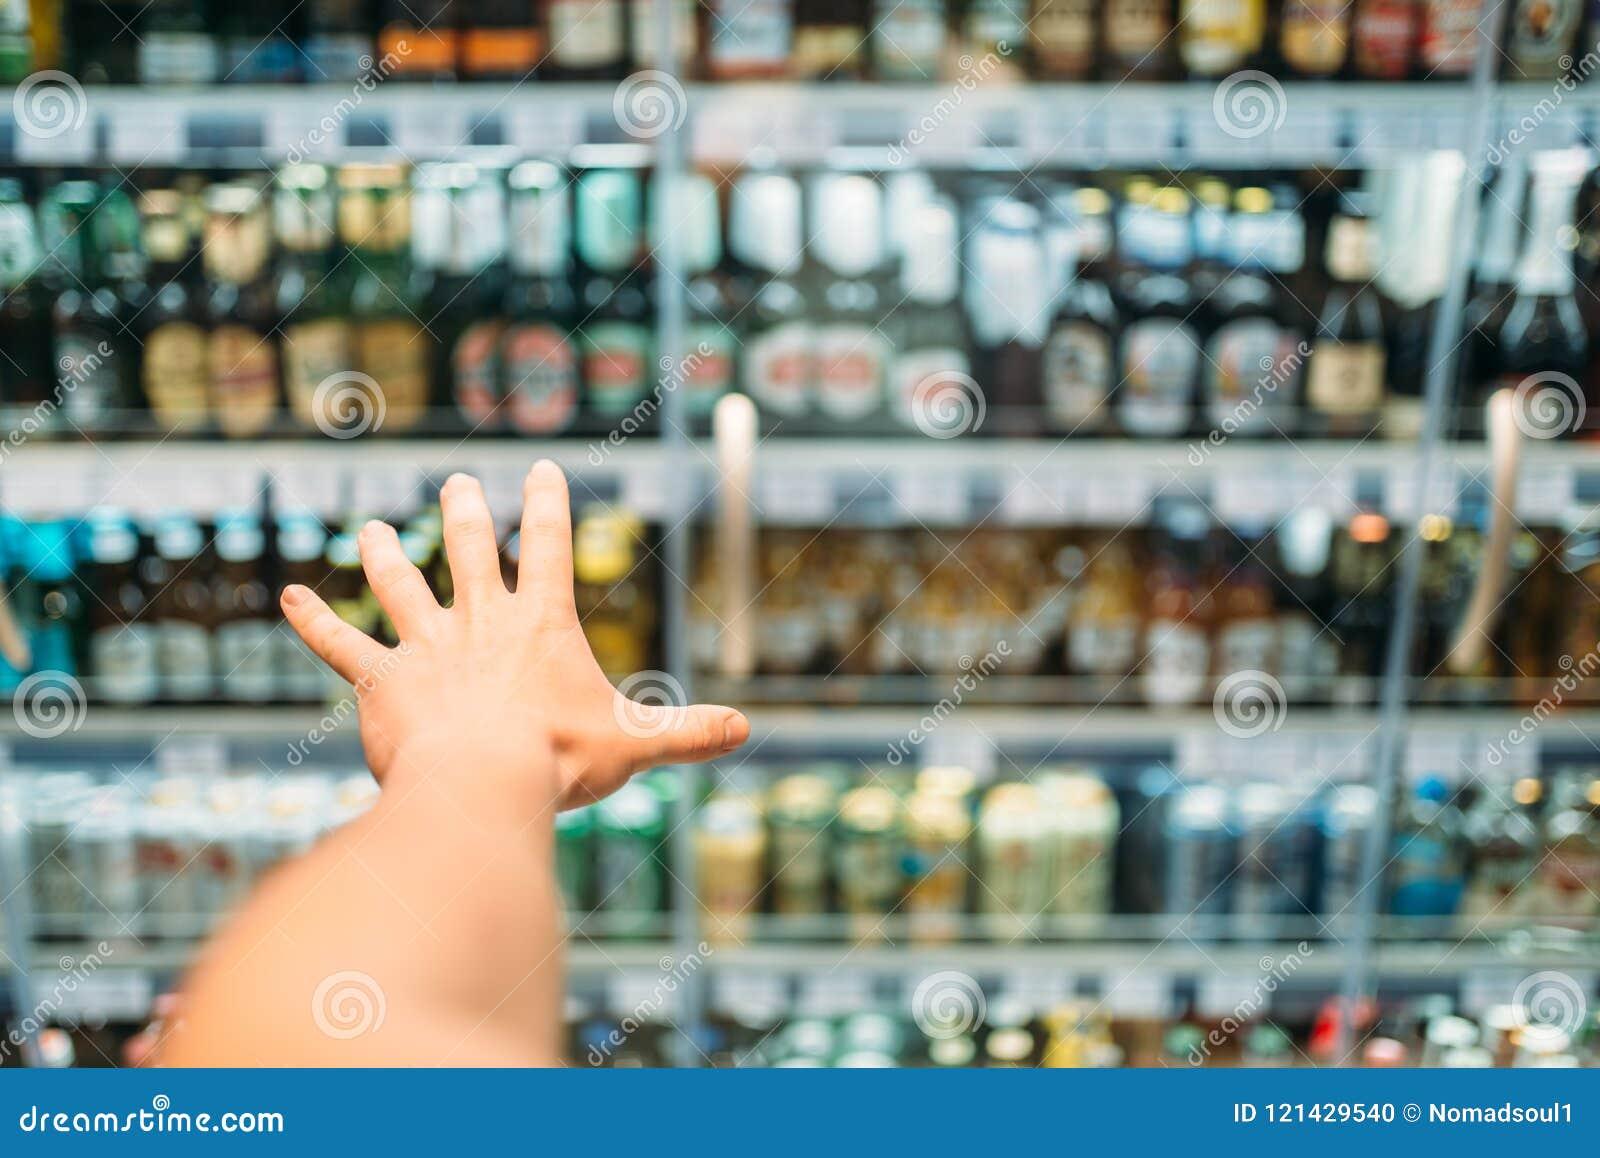 De mannelijke klantenhand bereikt voor alcoholische producten